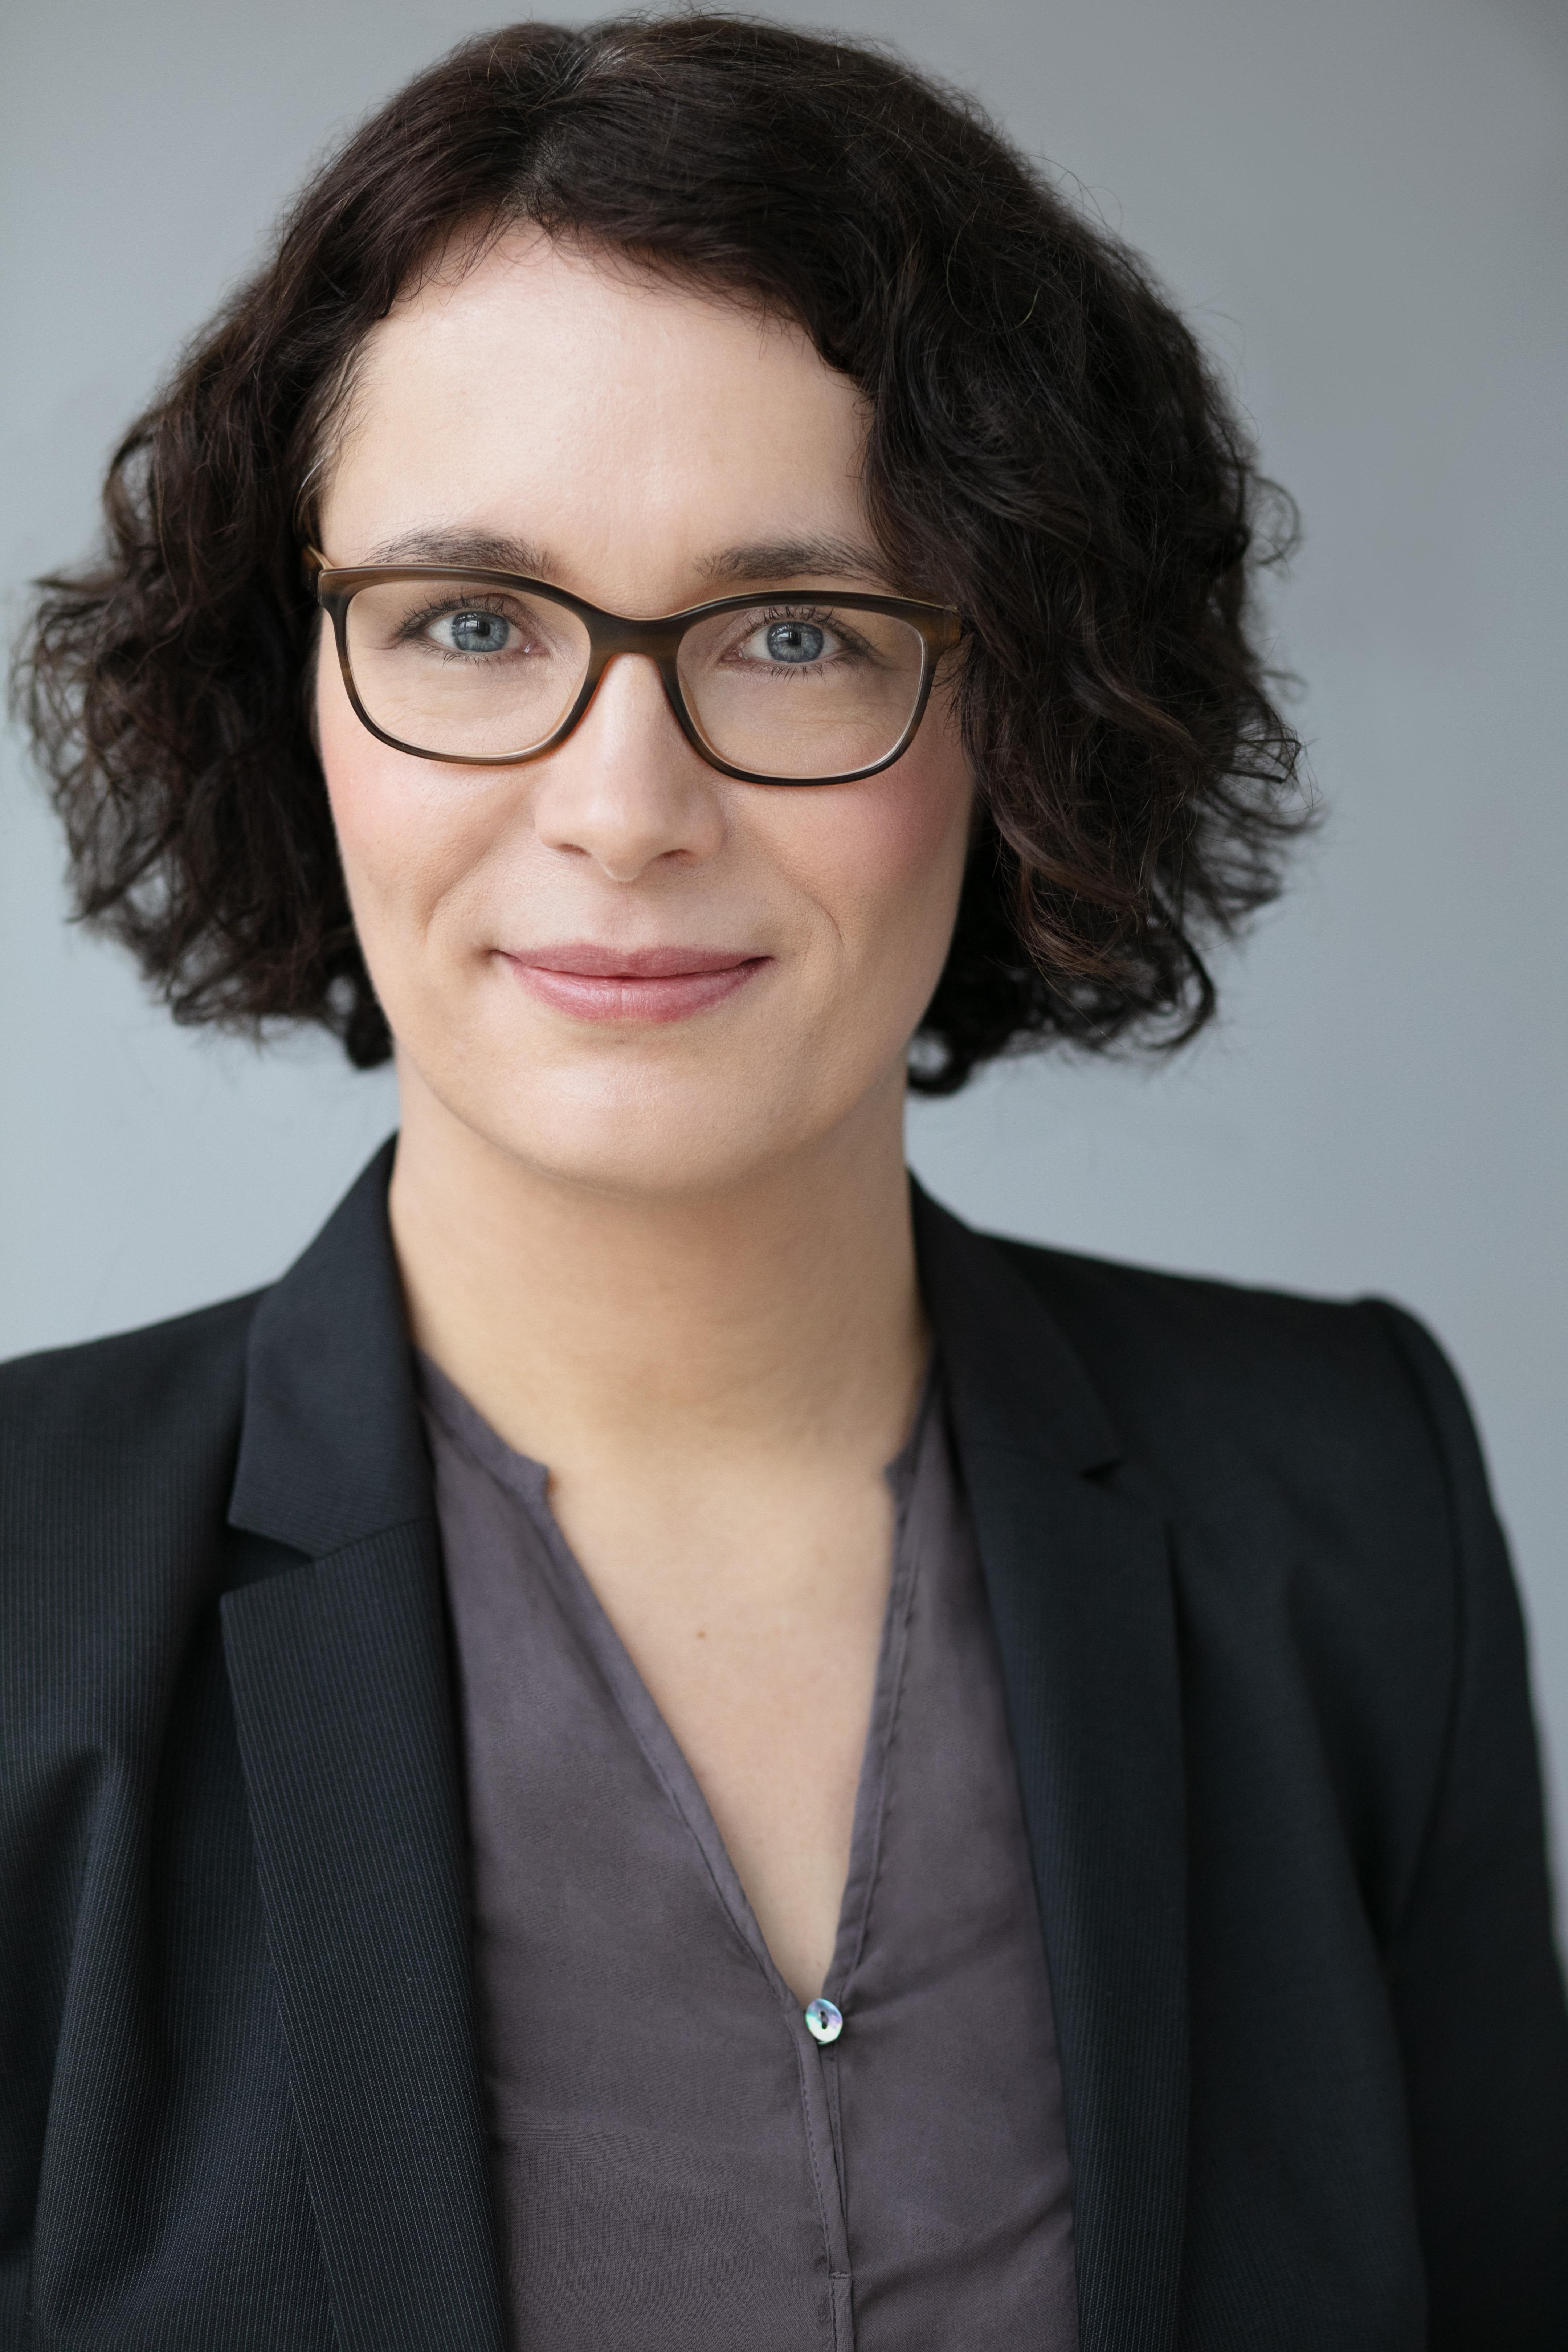 Photo von Franziska Kuschel.